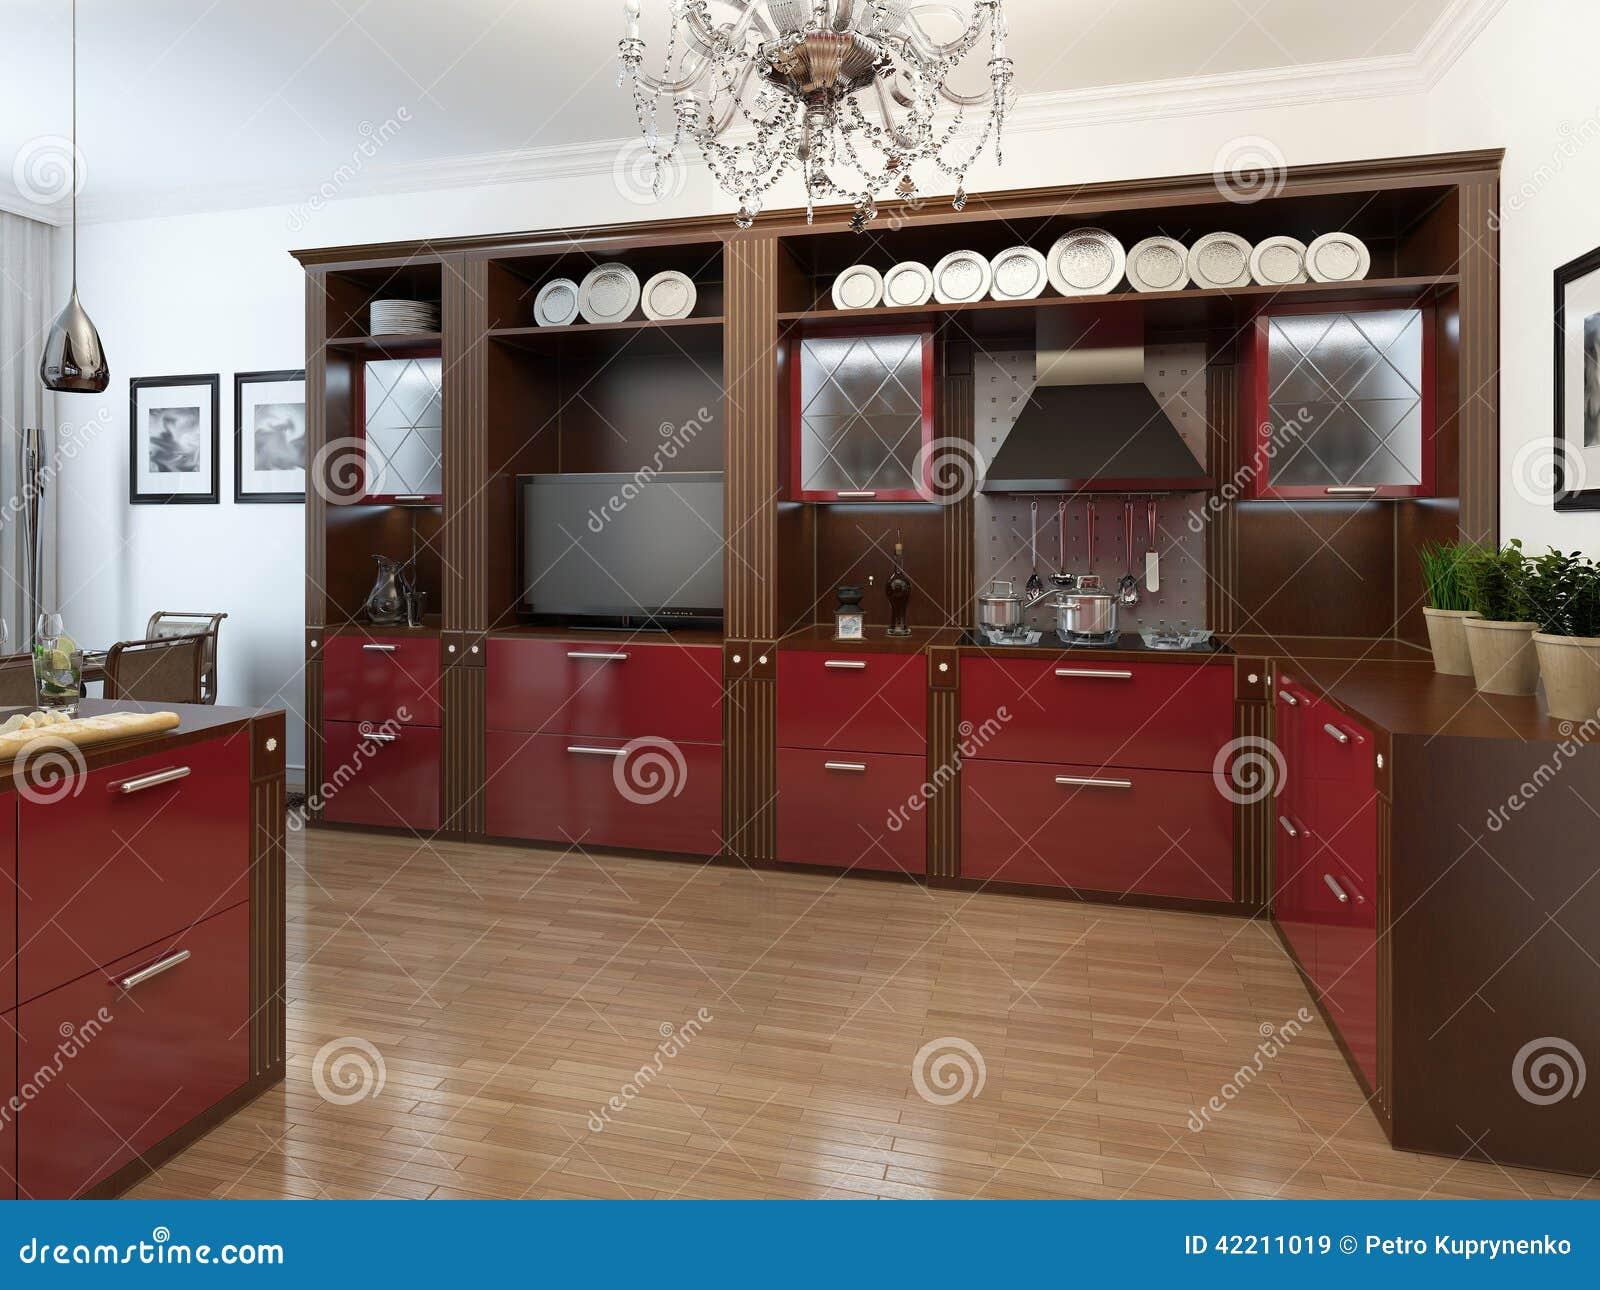 Keuken in de art deco stijl stock illustratie afbeelding 42211019 for Deco moderne keuken